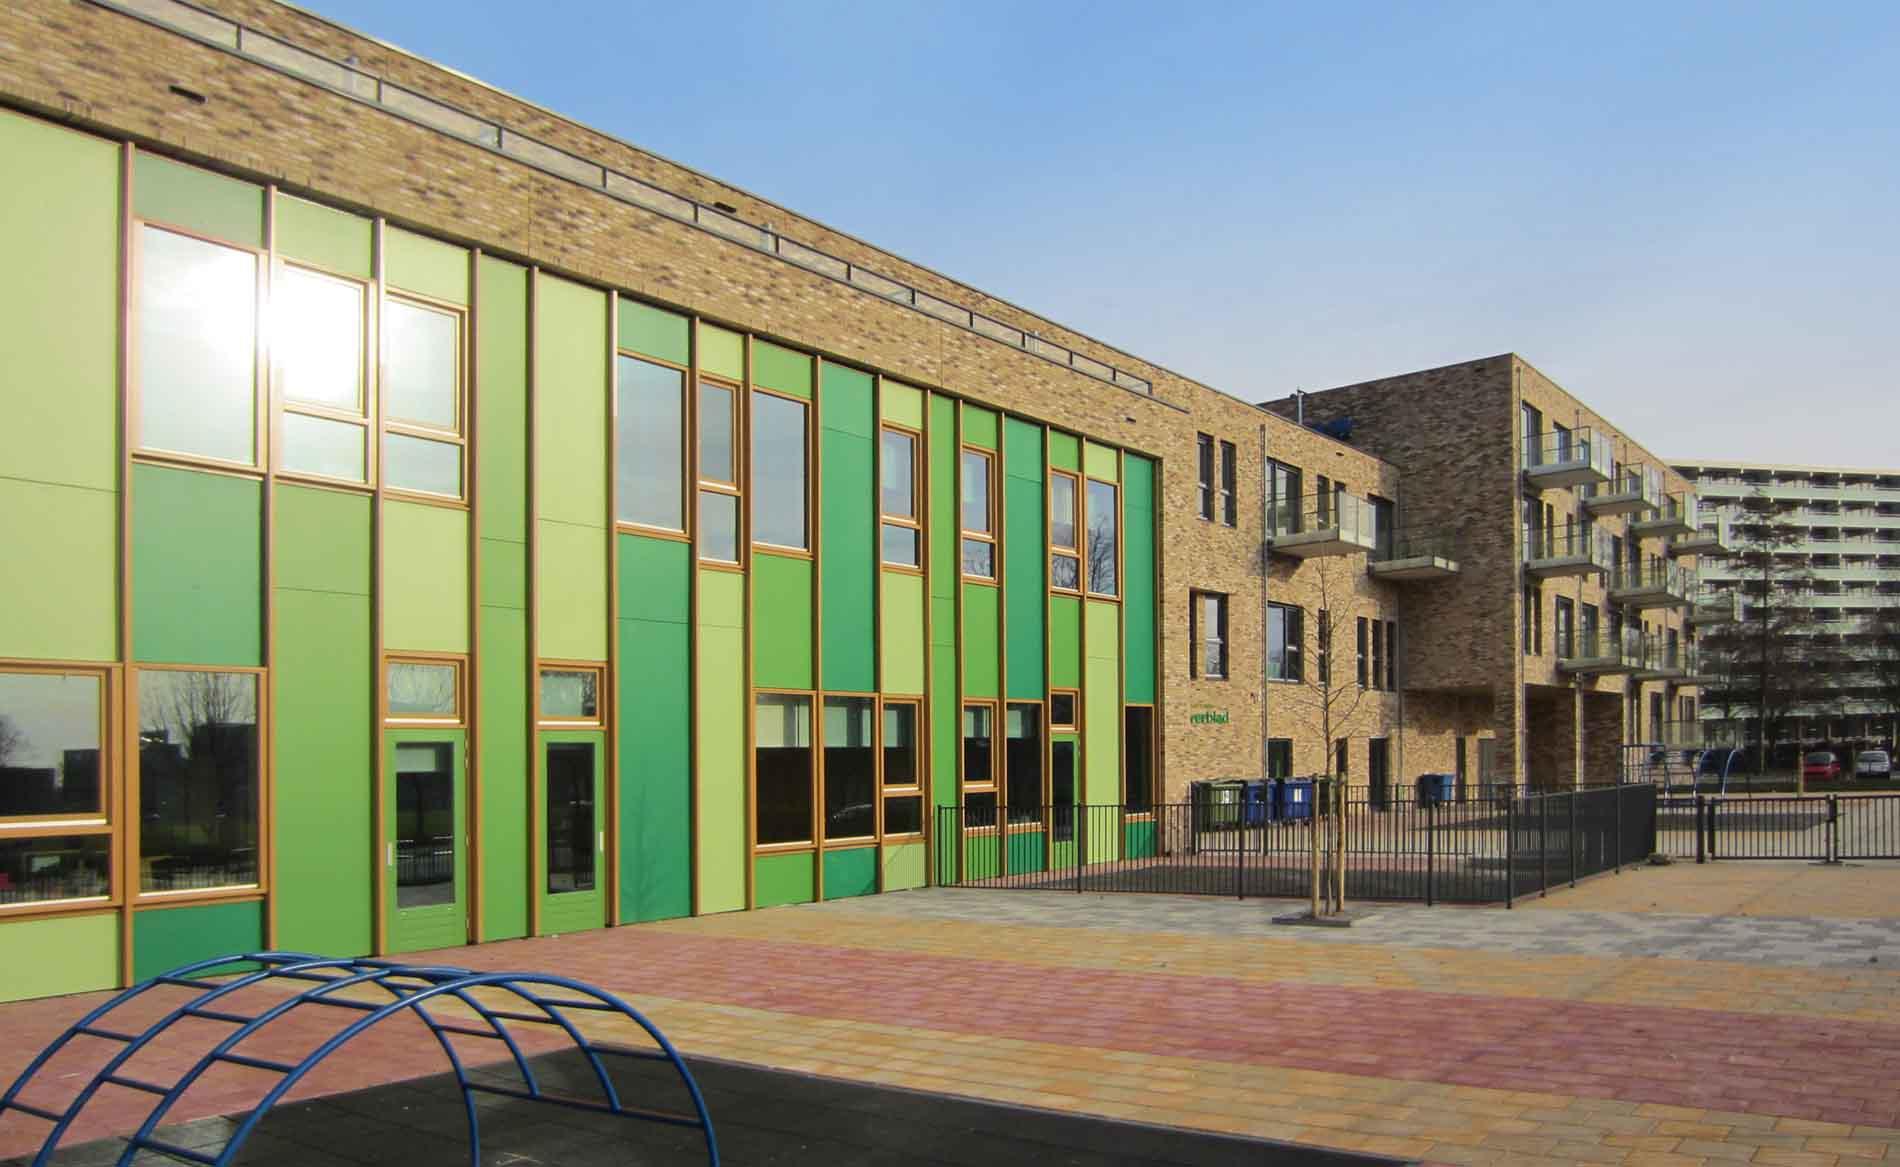 architect frisse scholen duurzaam basisonderwijs woongebouw appartementen Het Klaverblad Amsterdam BBHD architecten